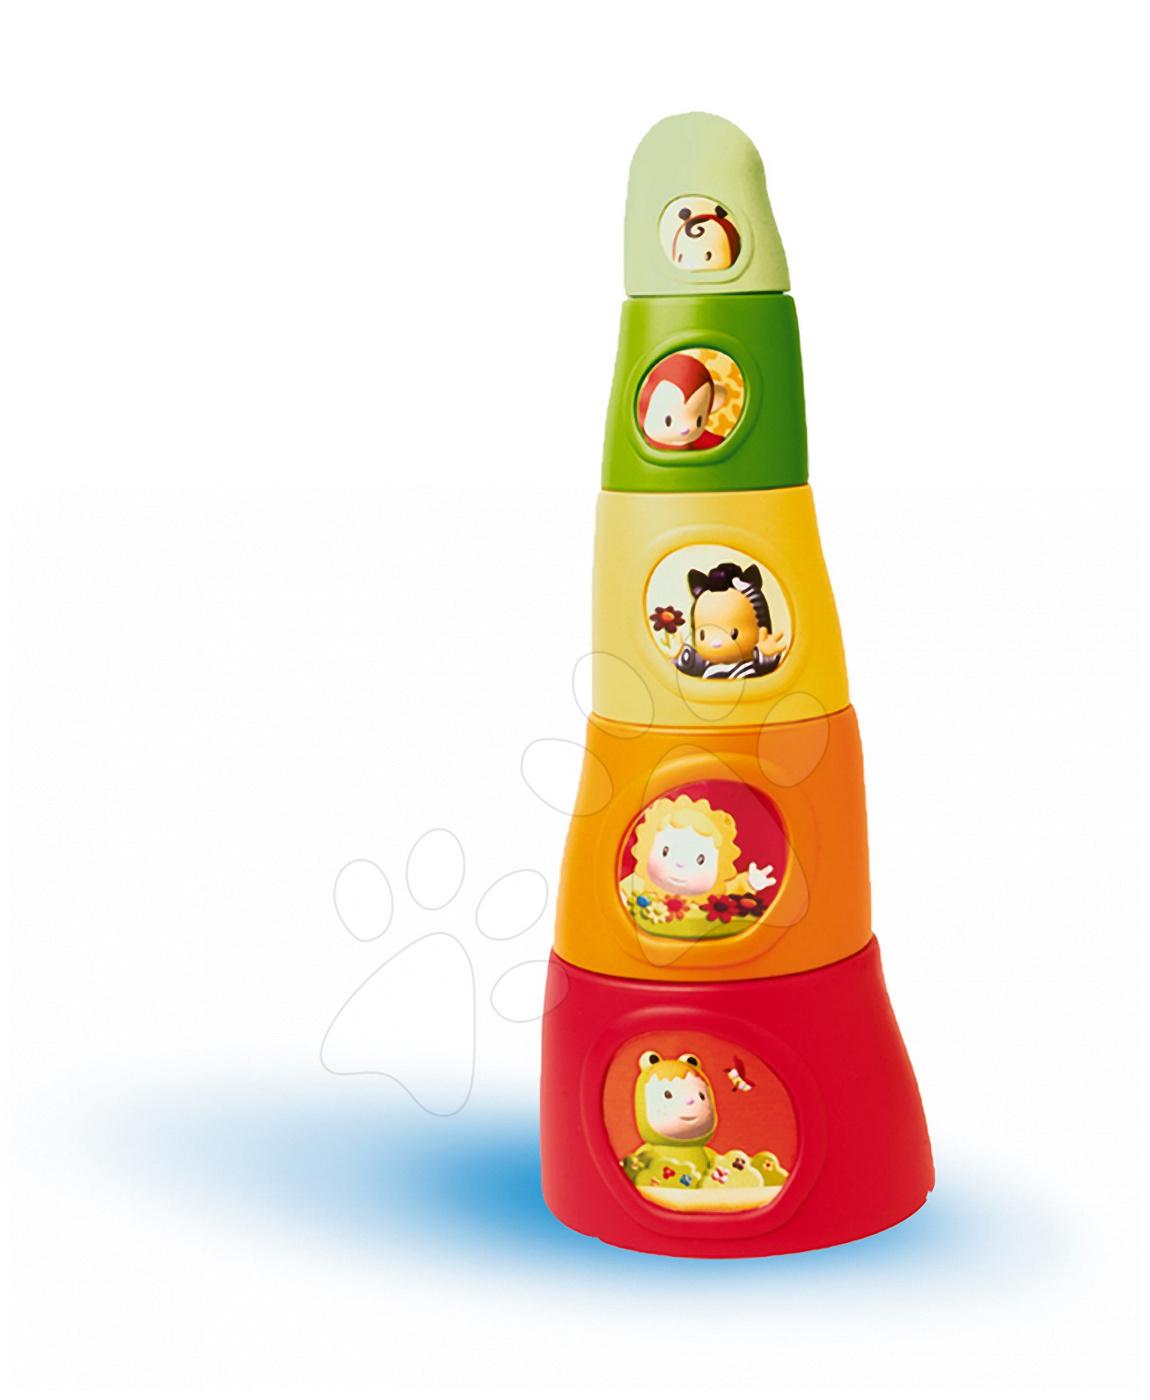 Skladacie šálky Happy Tower Cotoons Smoby 5 kusov oranžovo-zelené od 12 mes